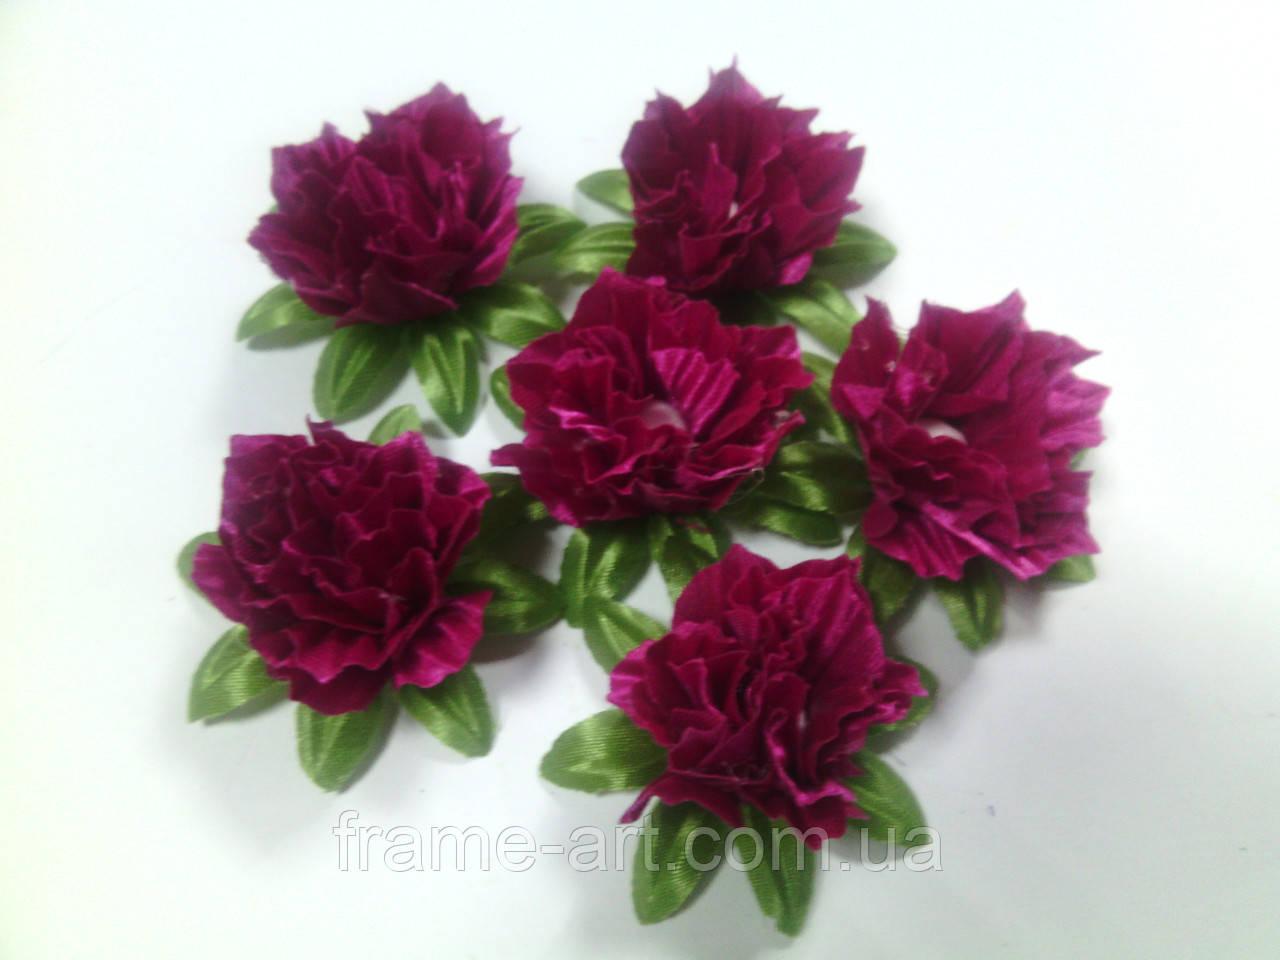 Бутон цветка магнолии 2,5-3см розовый